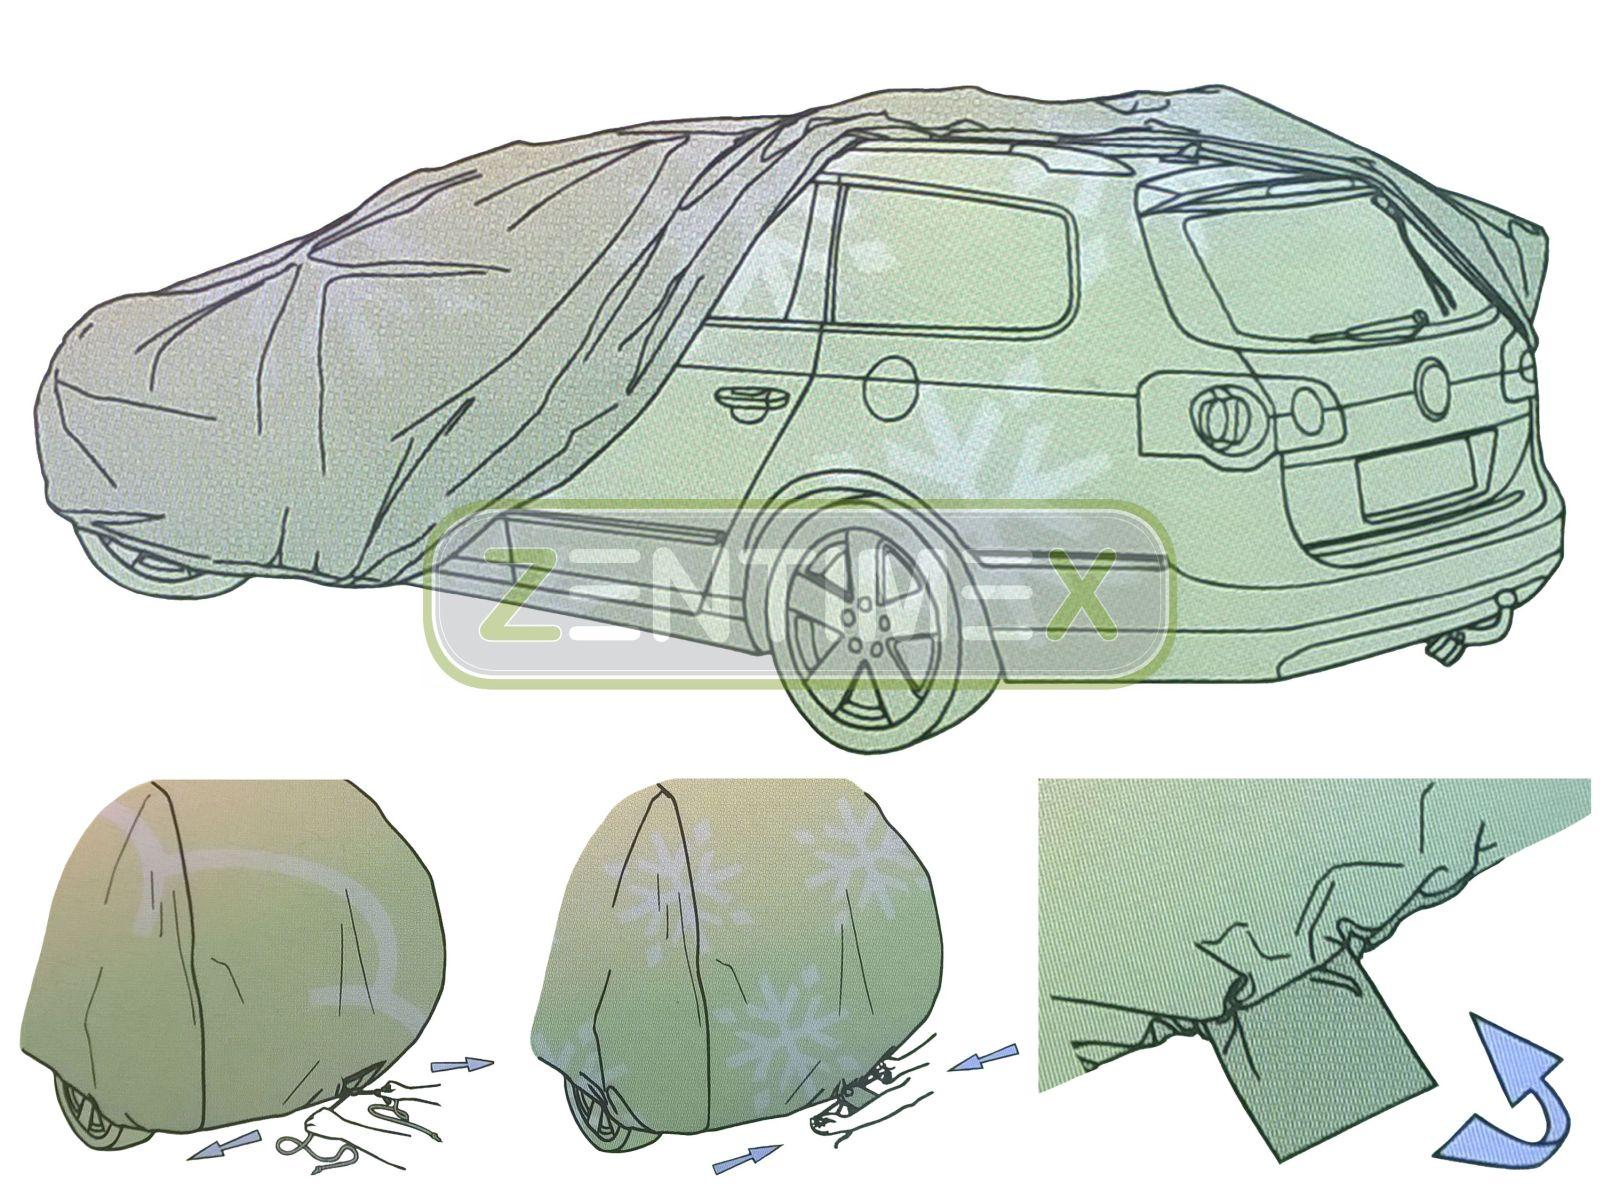 Garaje lleno para mitsubishi Colt 4 ca0 berlina hatchback 3-puertas 03.92-04.96